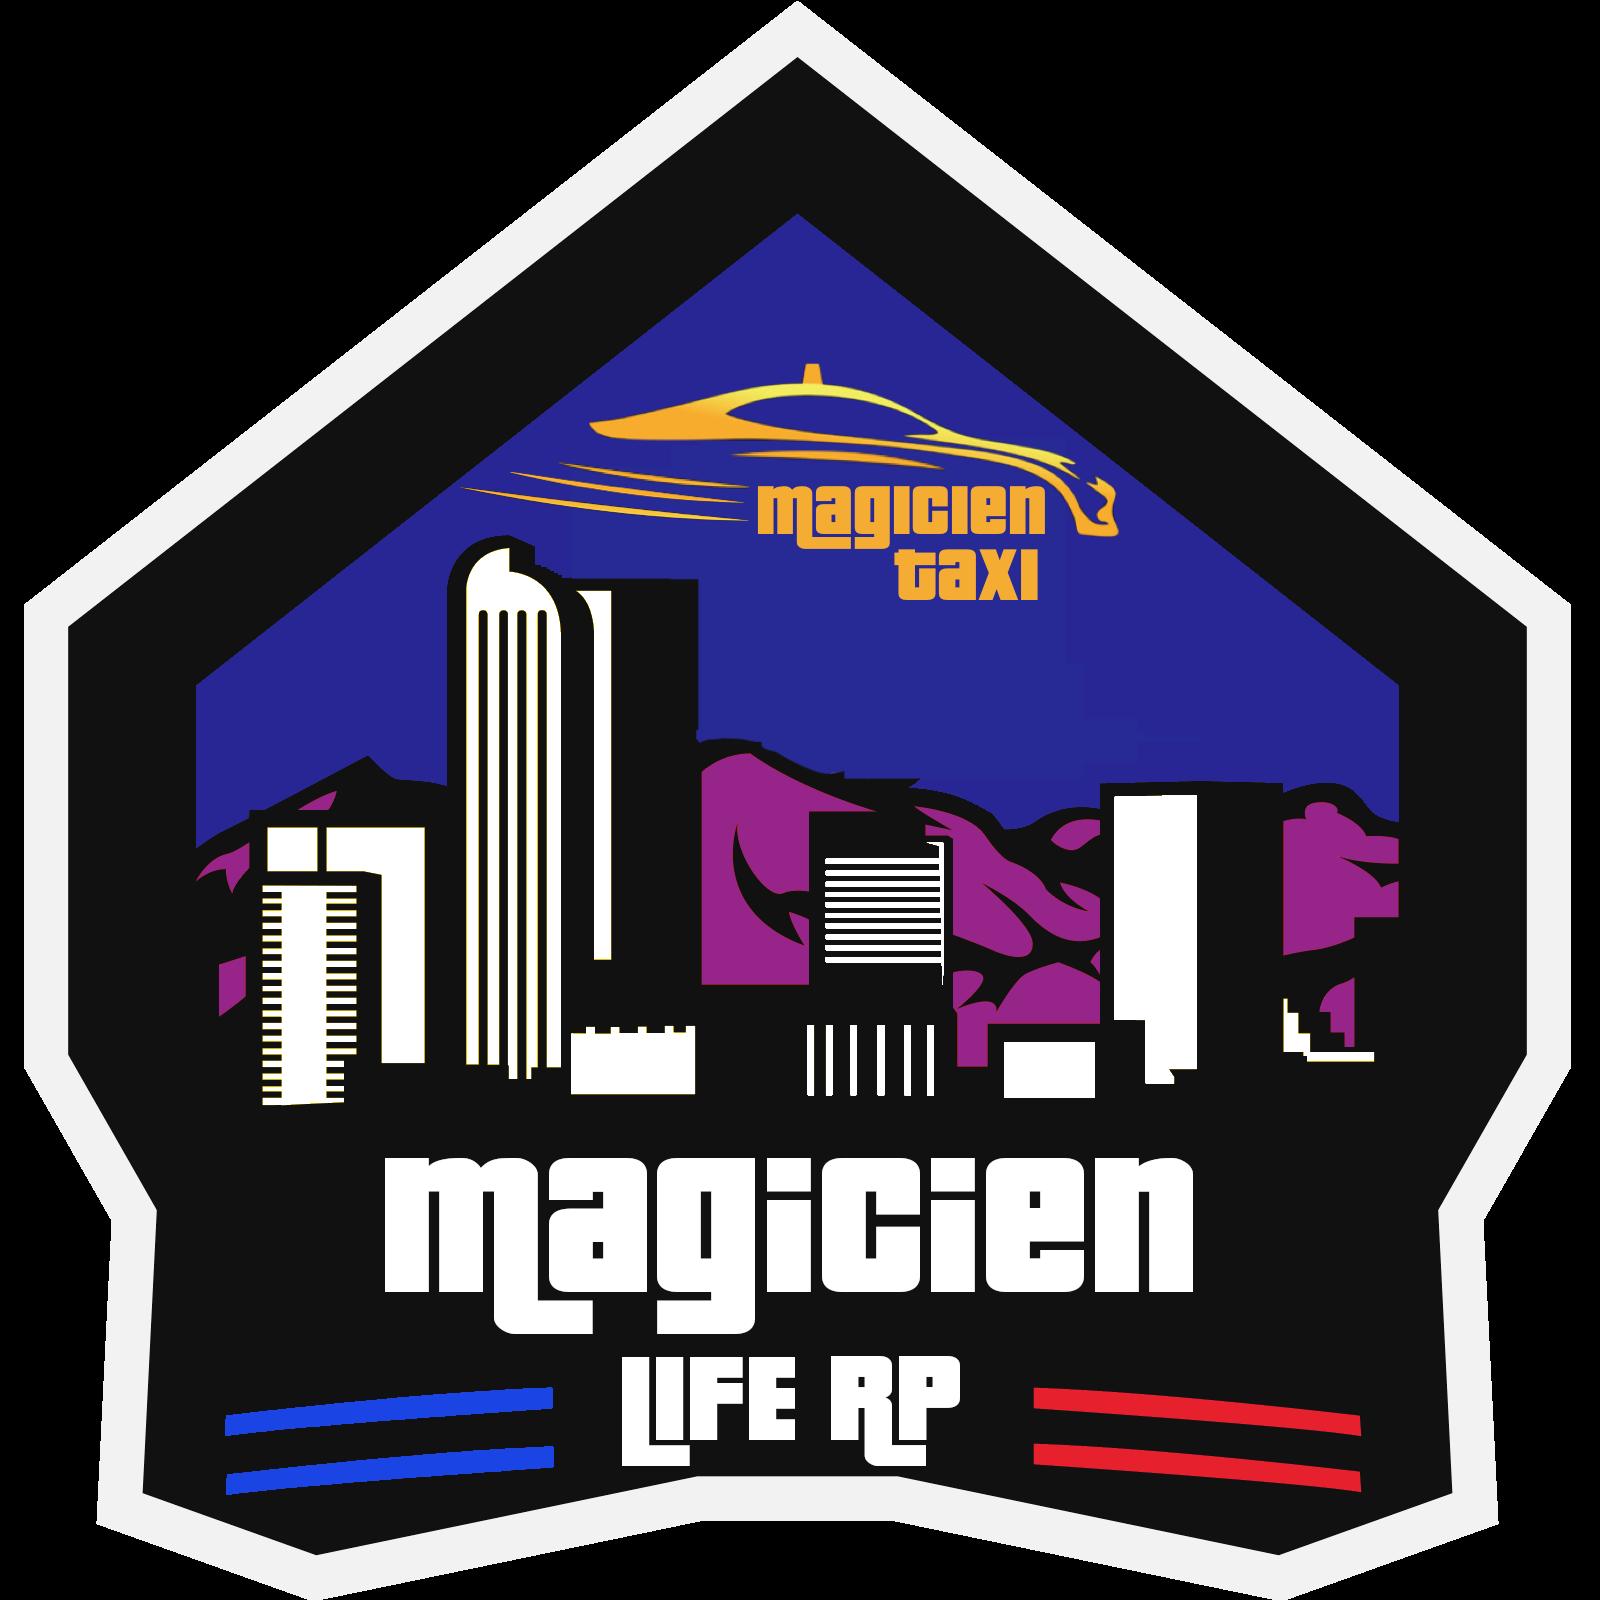 6070f9353c1c2-Magicien_Taxi.png